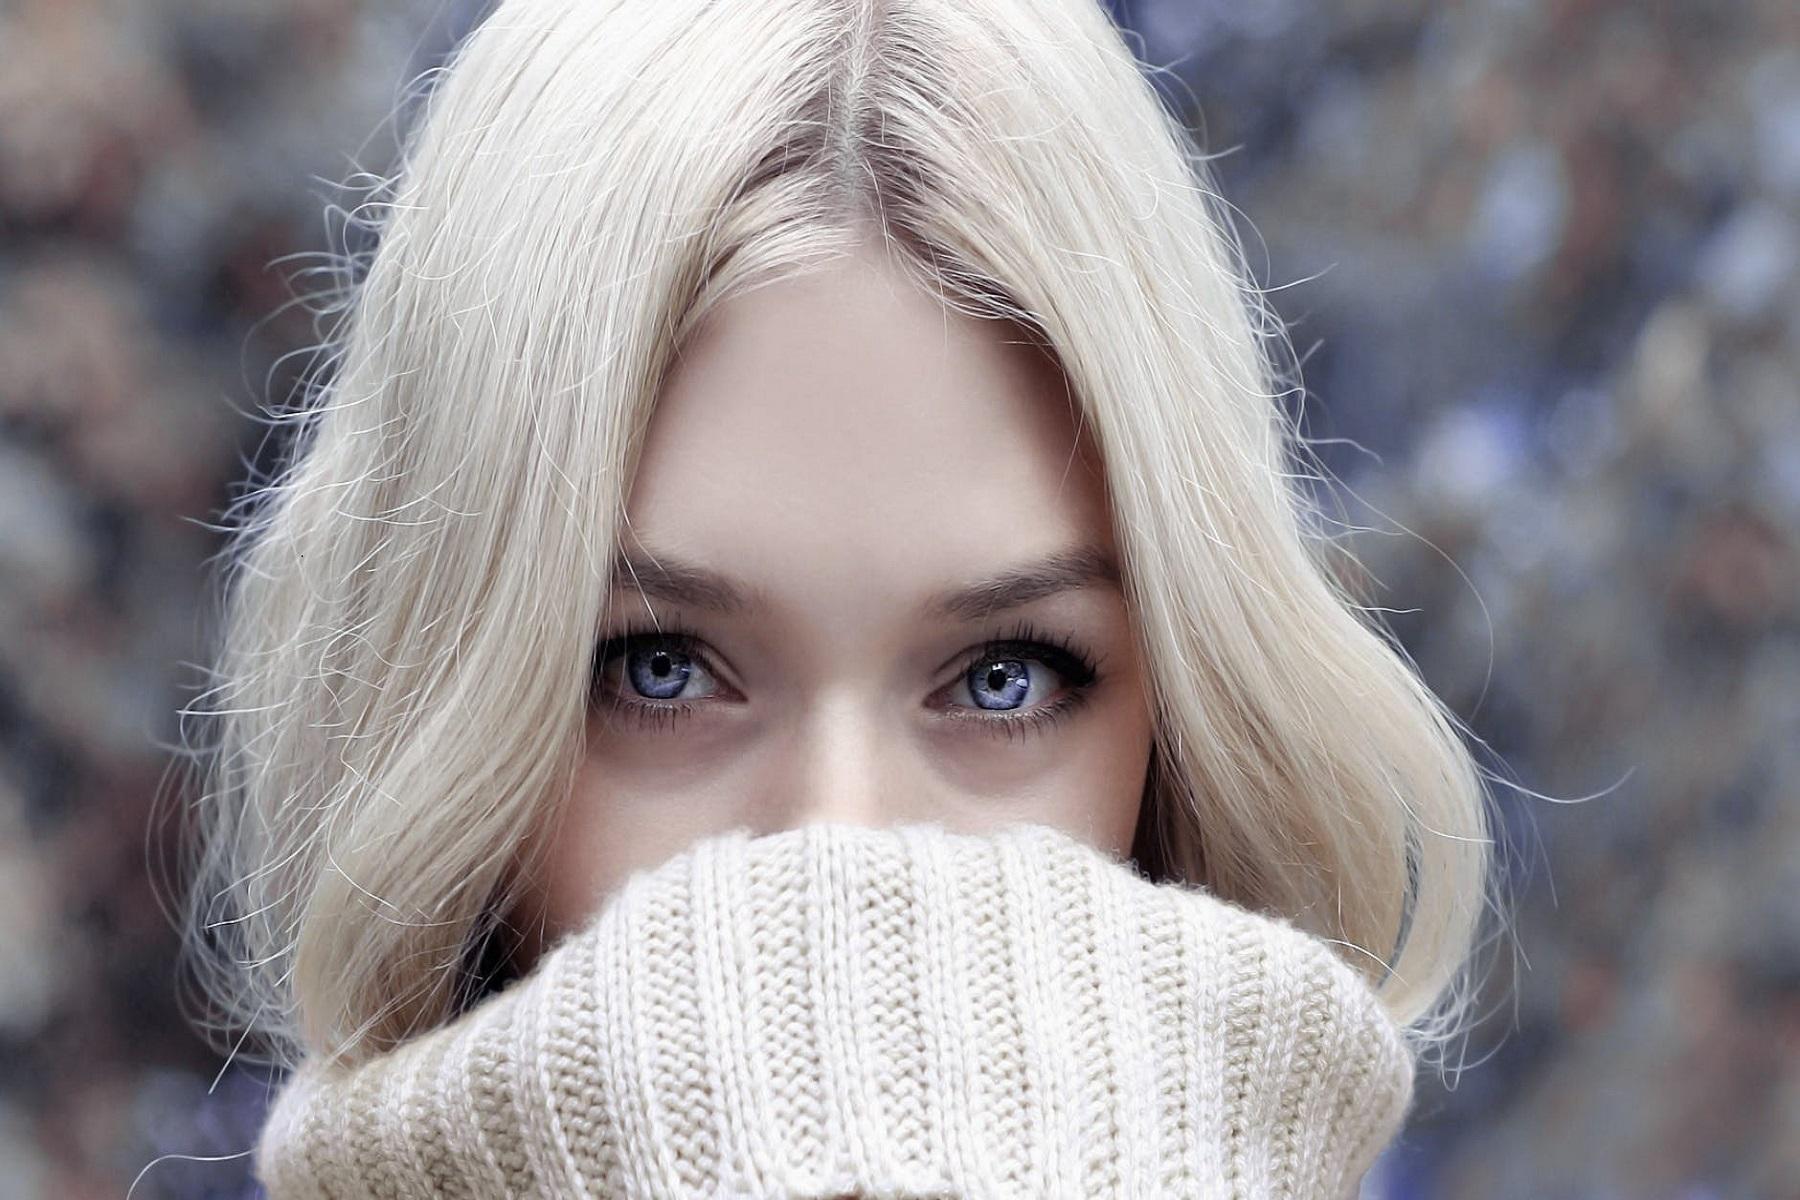 Χειμώνας Επιδερμίδα: Λόγοι επιτάχυνσης της γήρανσης τους χειμερινούς μήνες